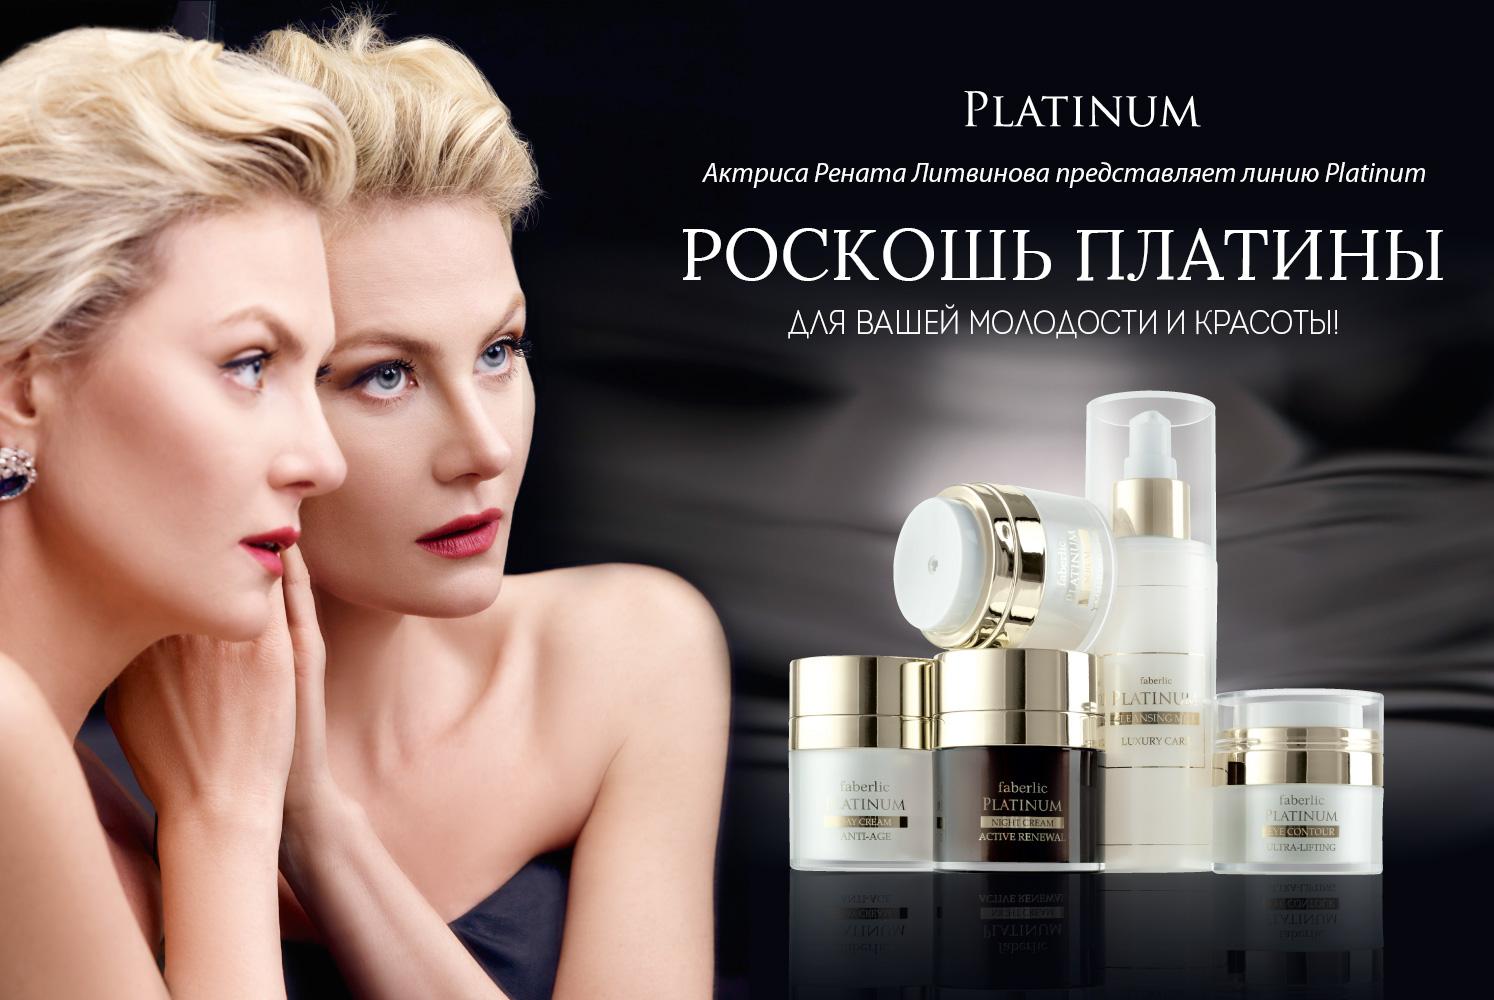 Косметика Platinum от Фаберлик